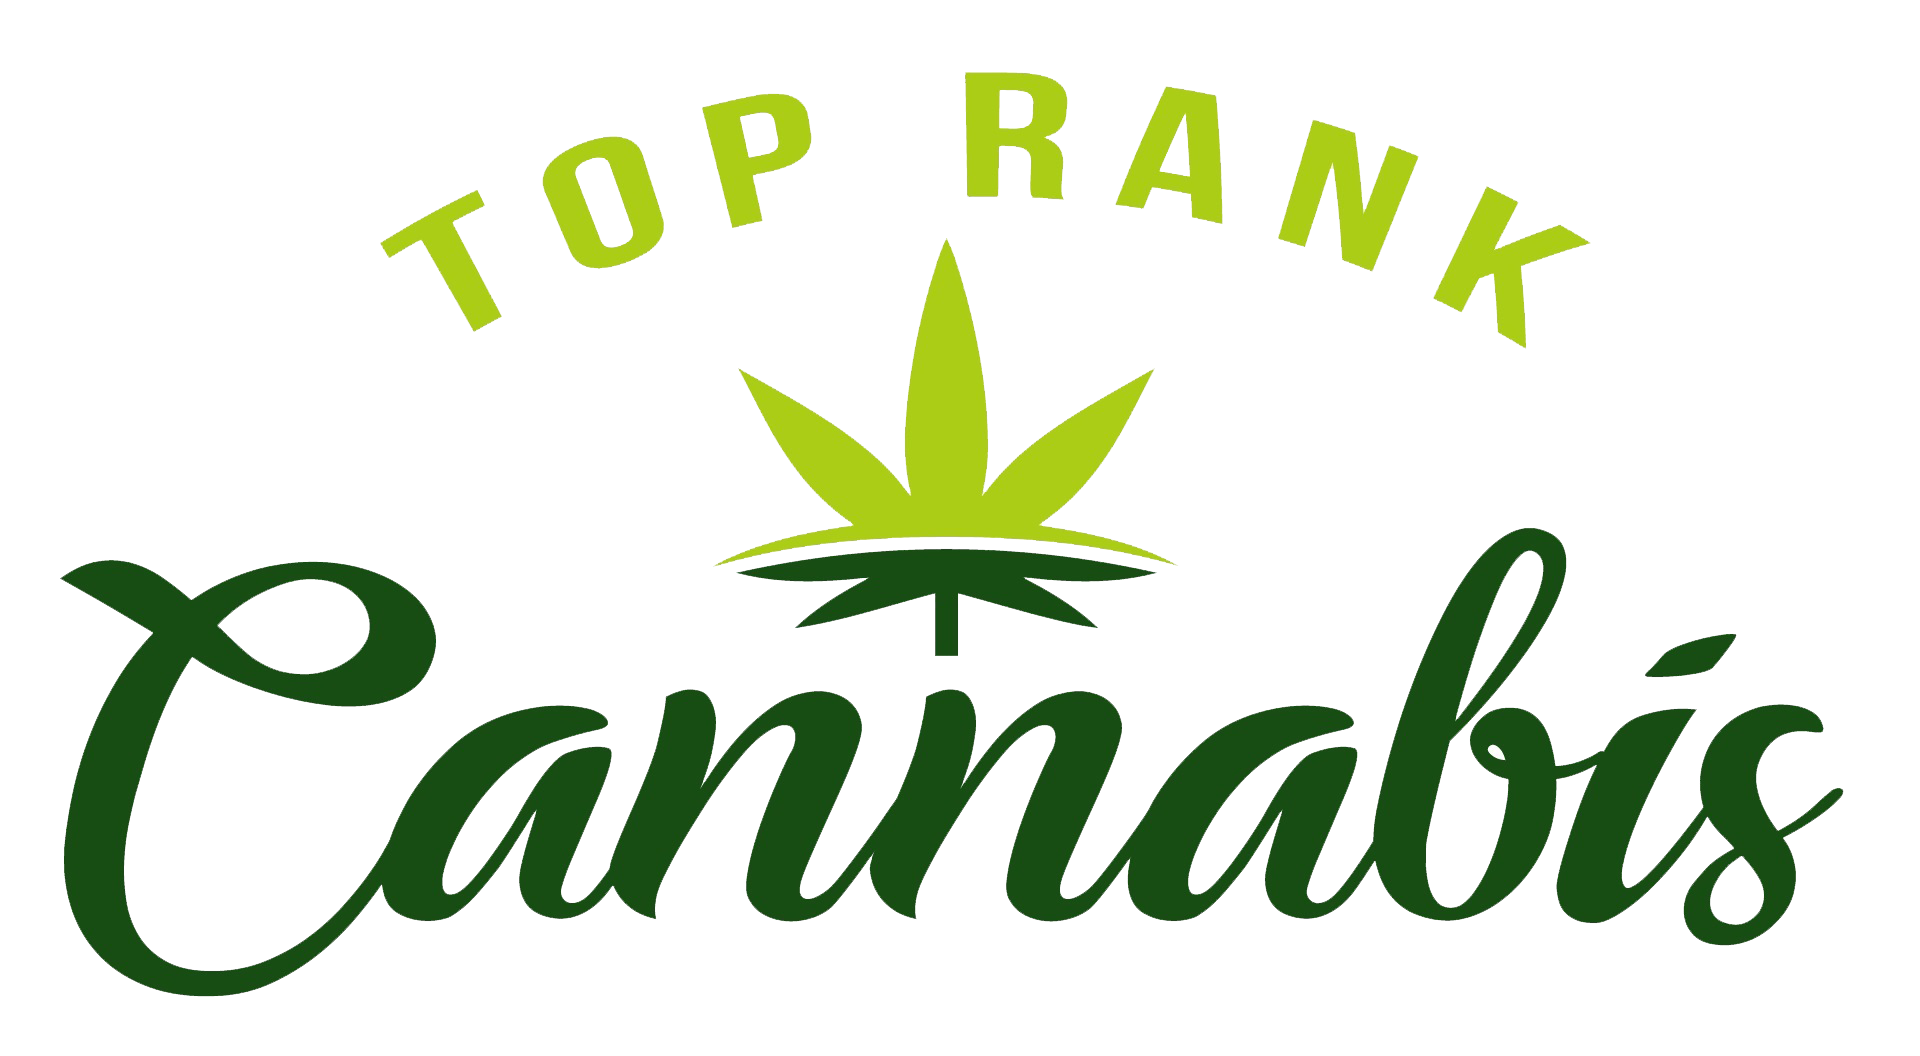 Top Rank Cannabils